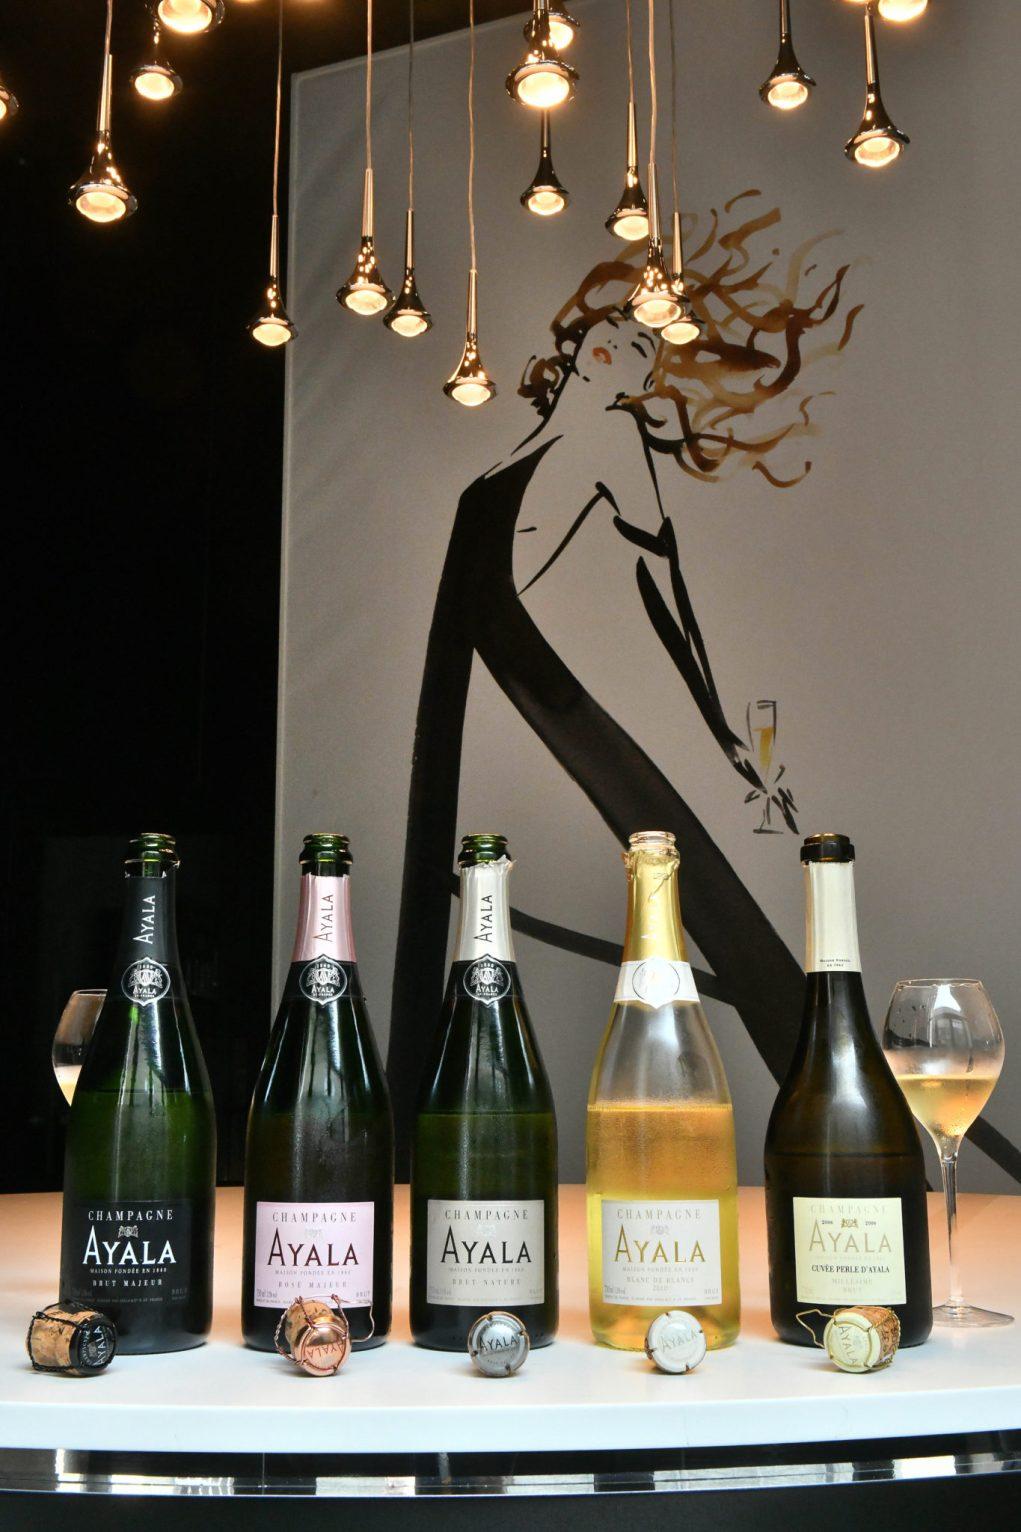 La grâce des vins Ayala dans les bras de l'égérie de Canetti.